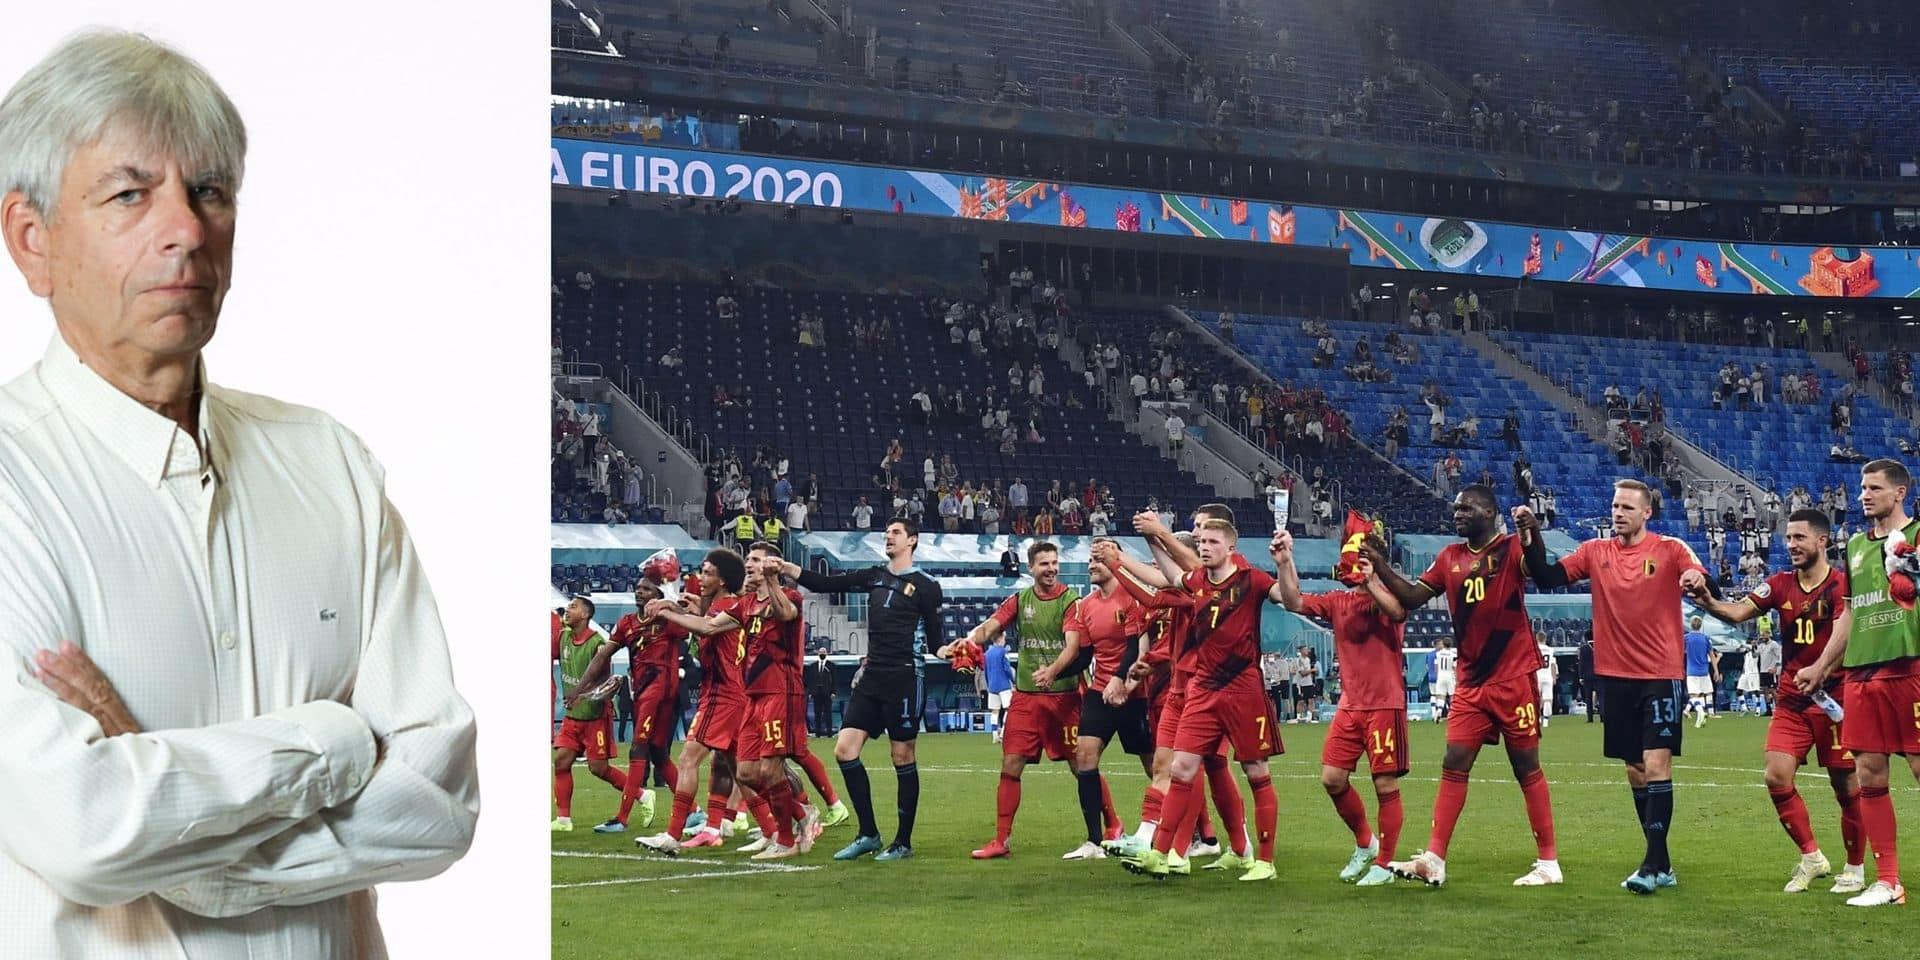 36 matchs pour éliminer 8 pays : le modèle de l'UEFA est dépassé